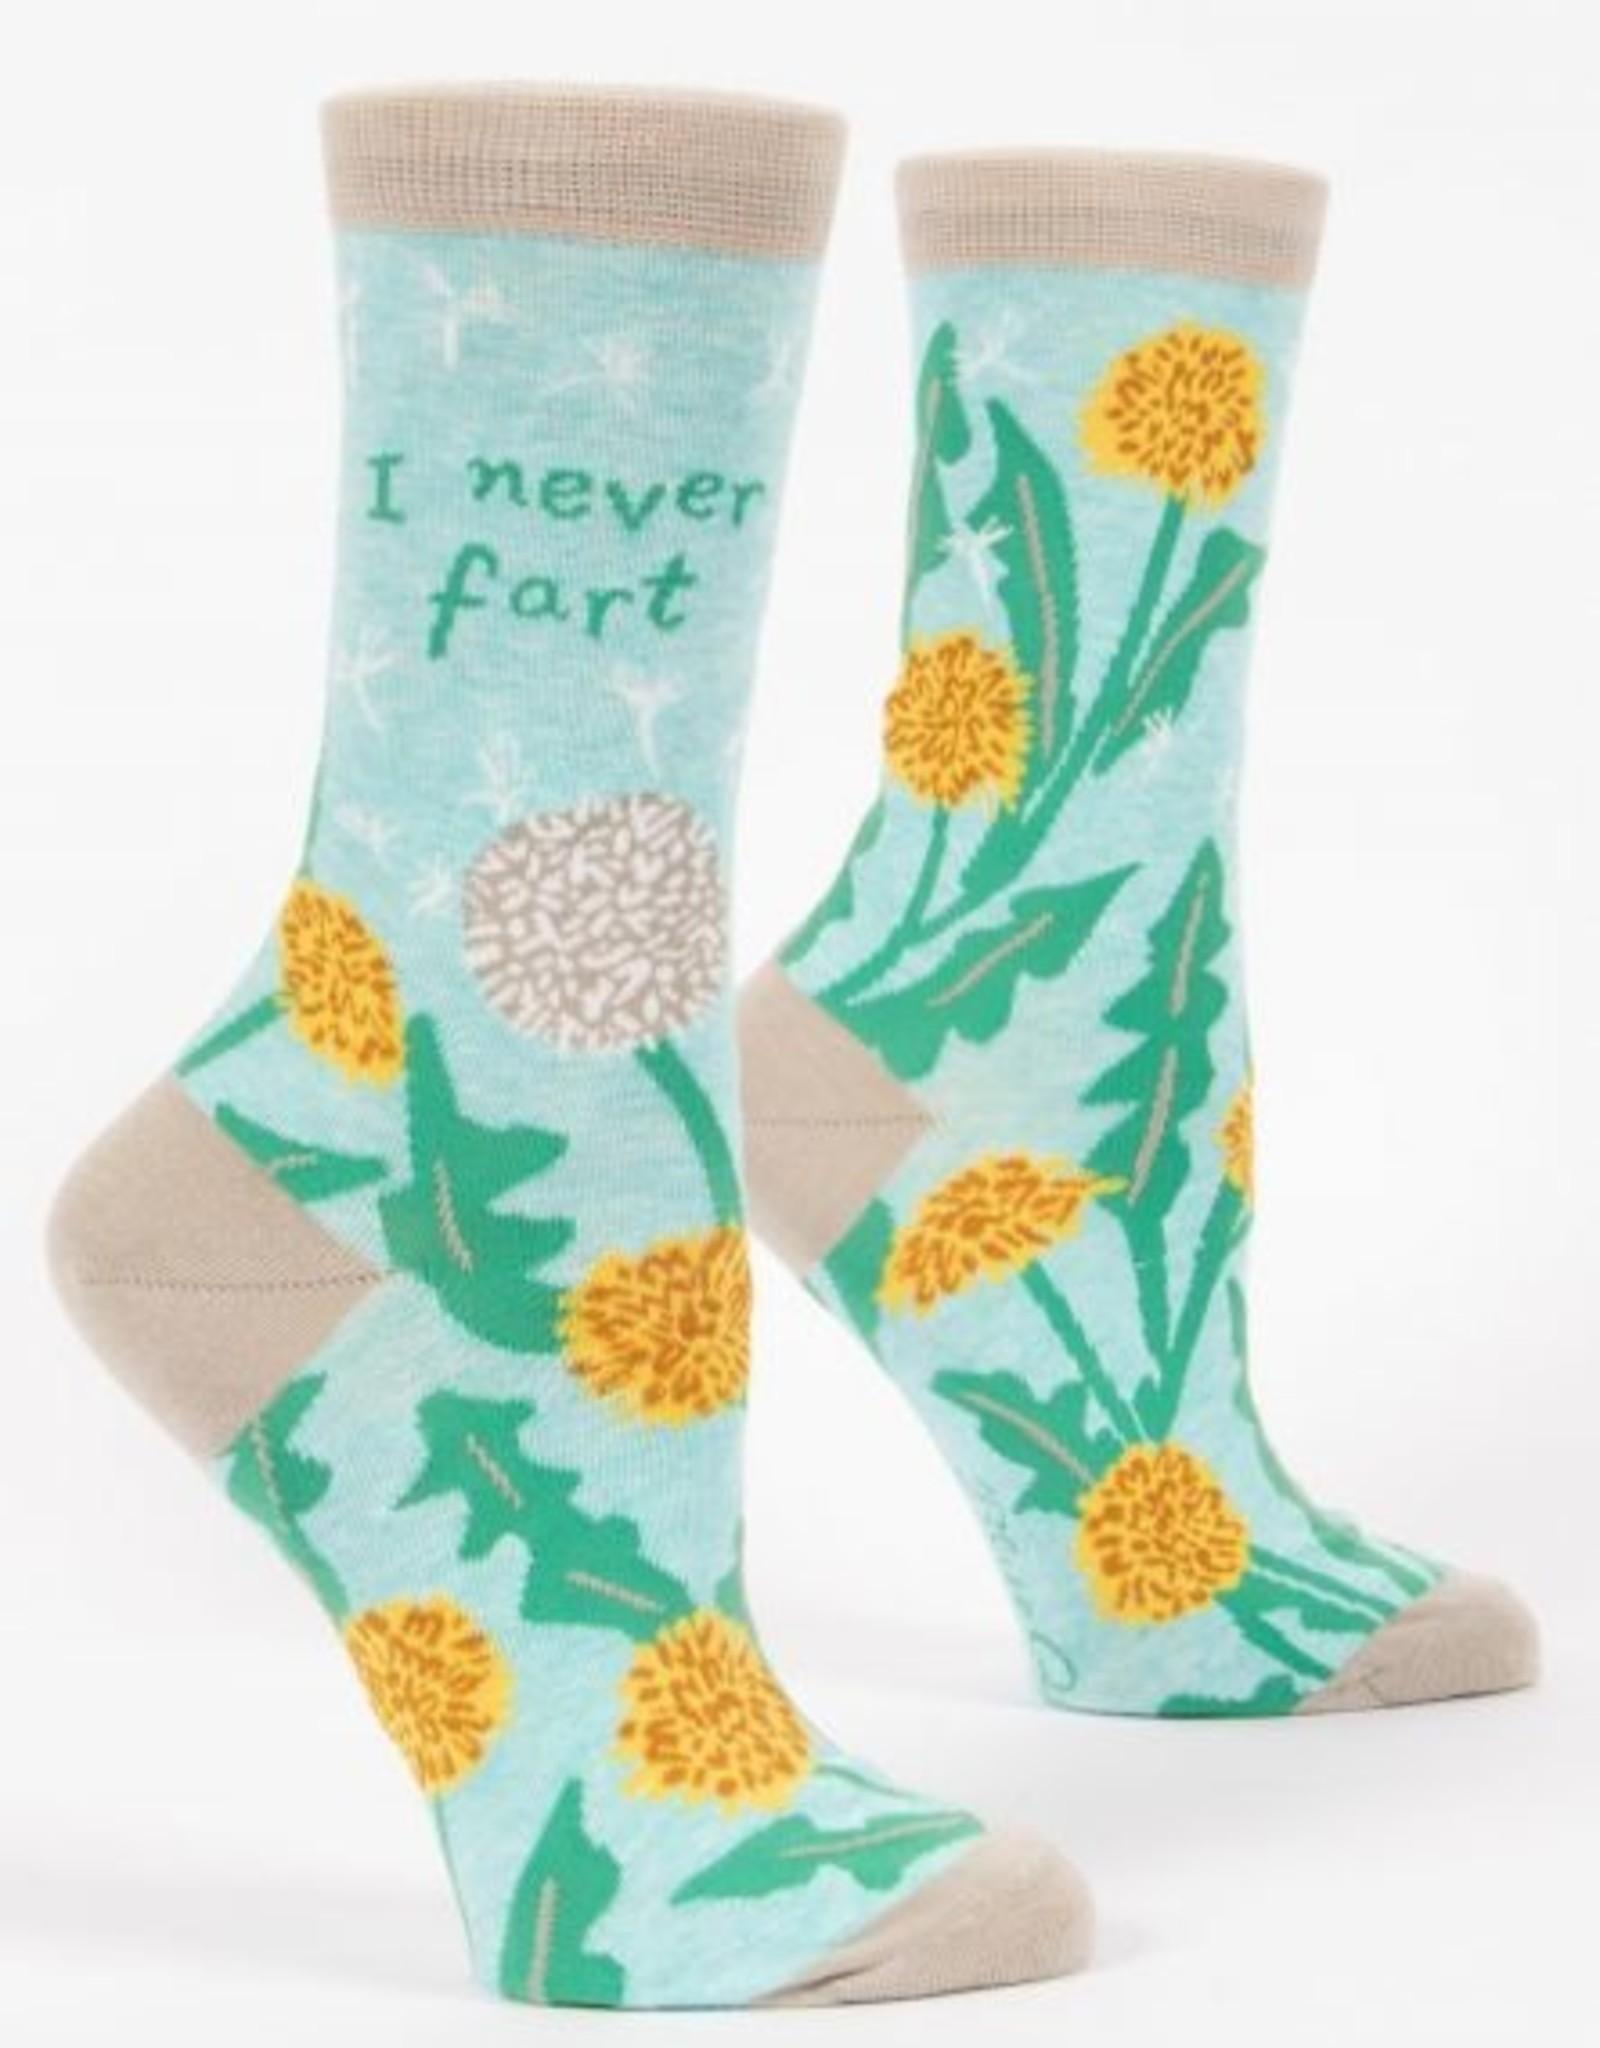 Blue Q Socks, I Never Fart